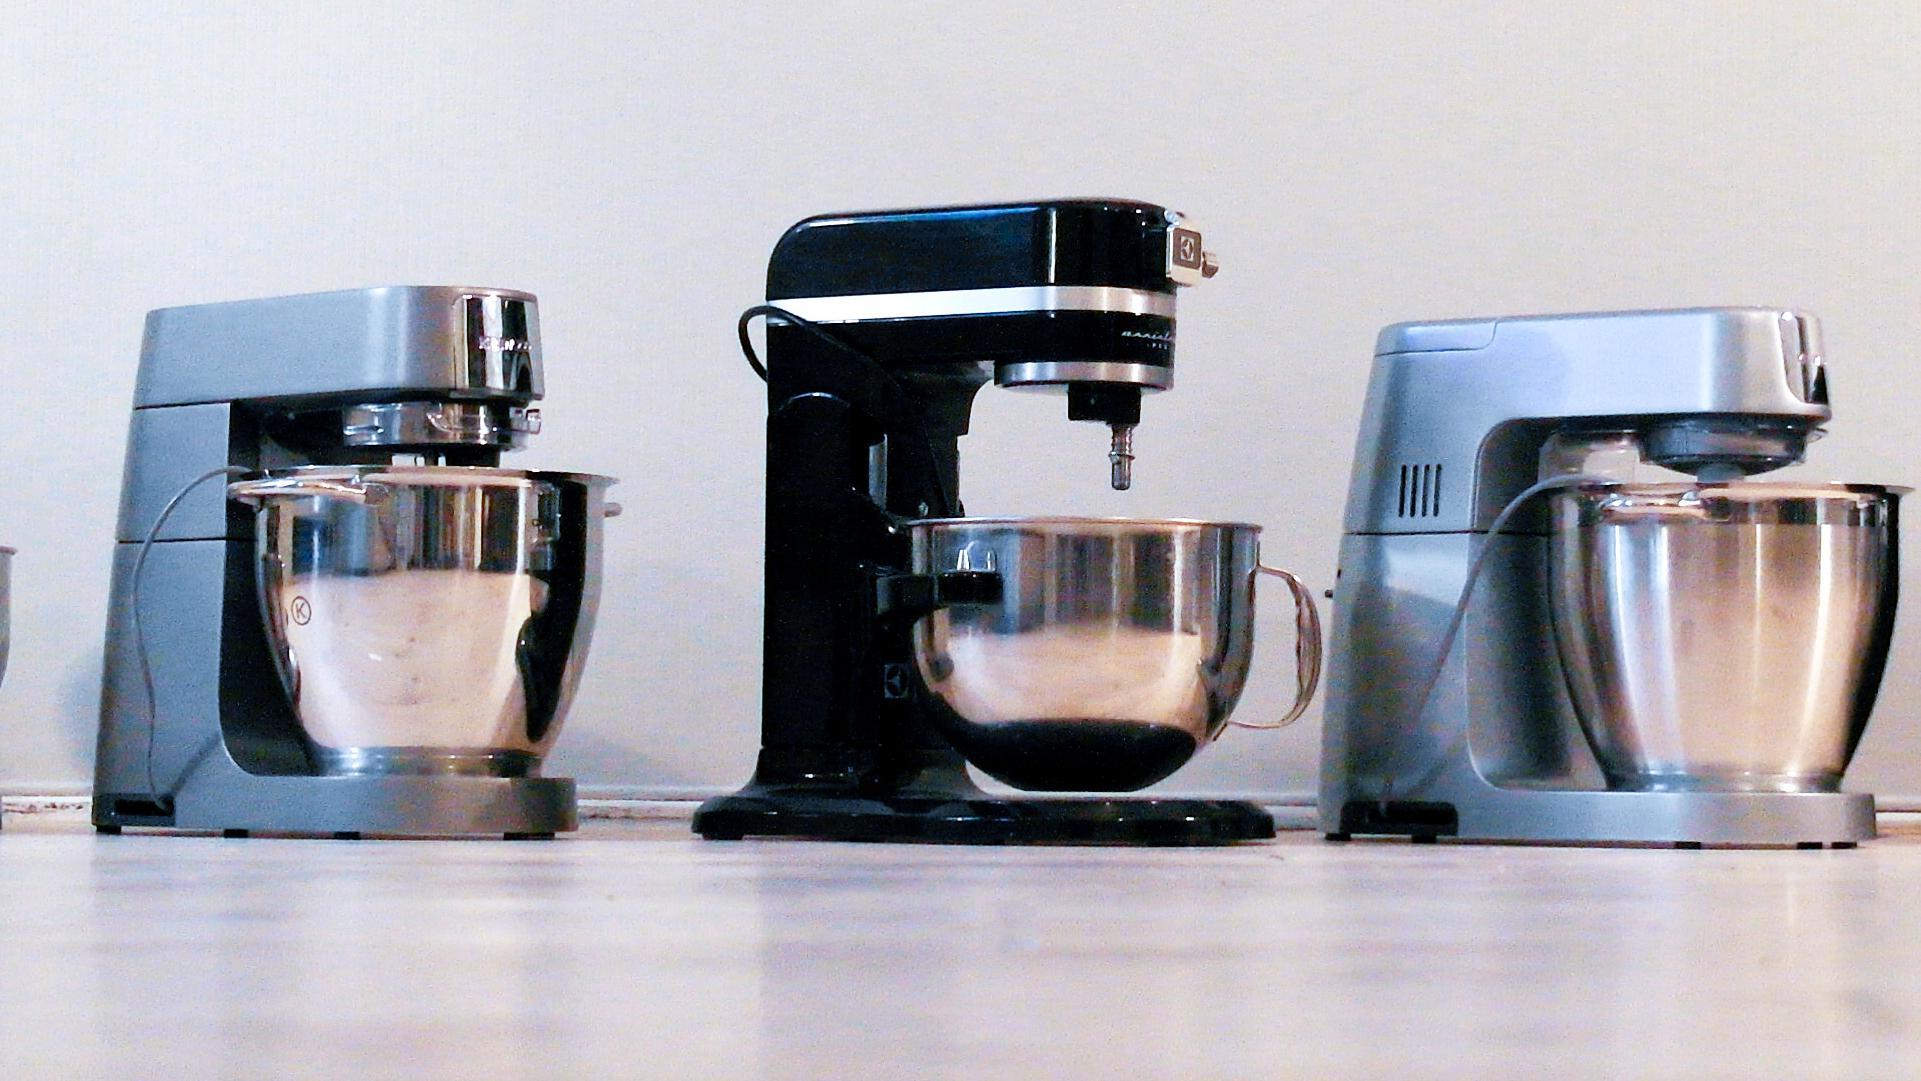 Vi har funnet den aller beste kjøkkenmaskinen